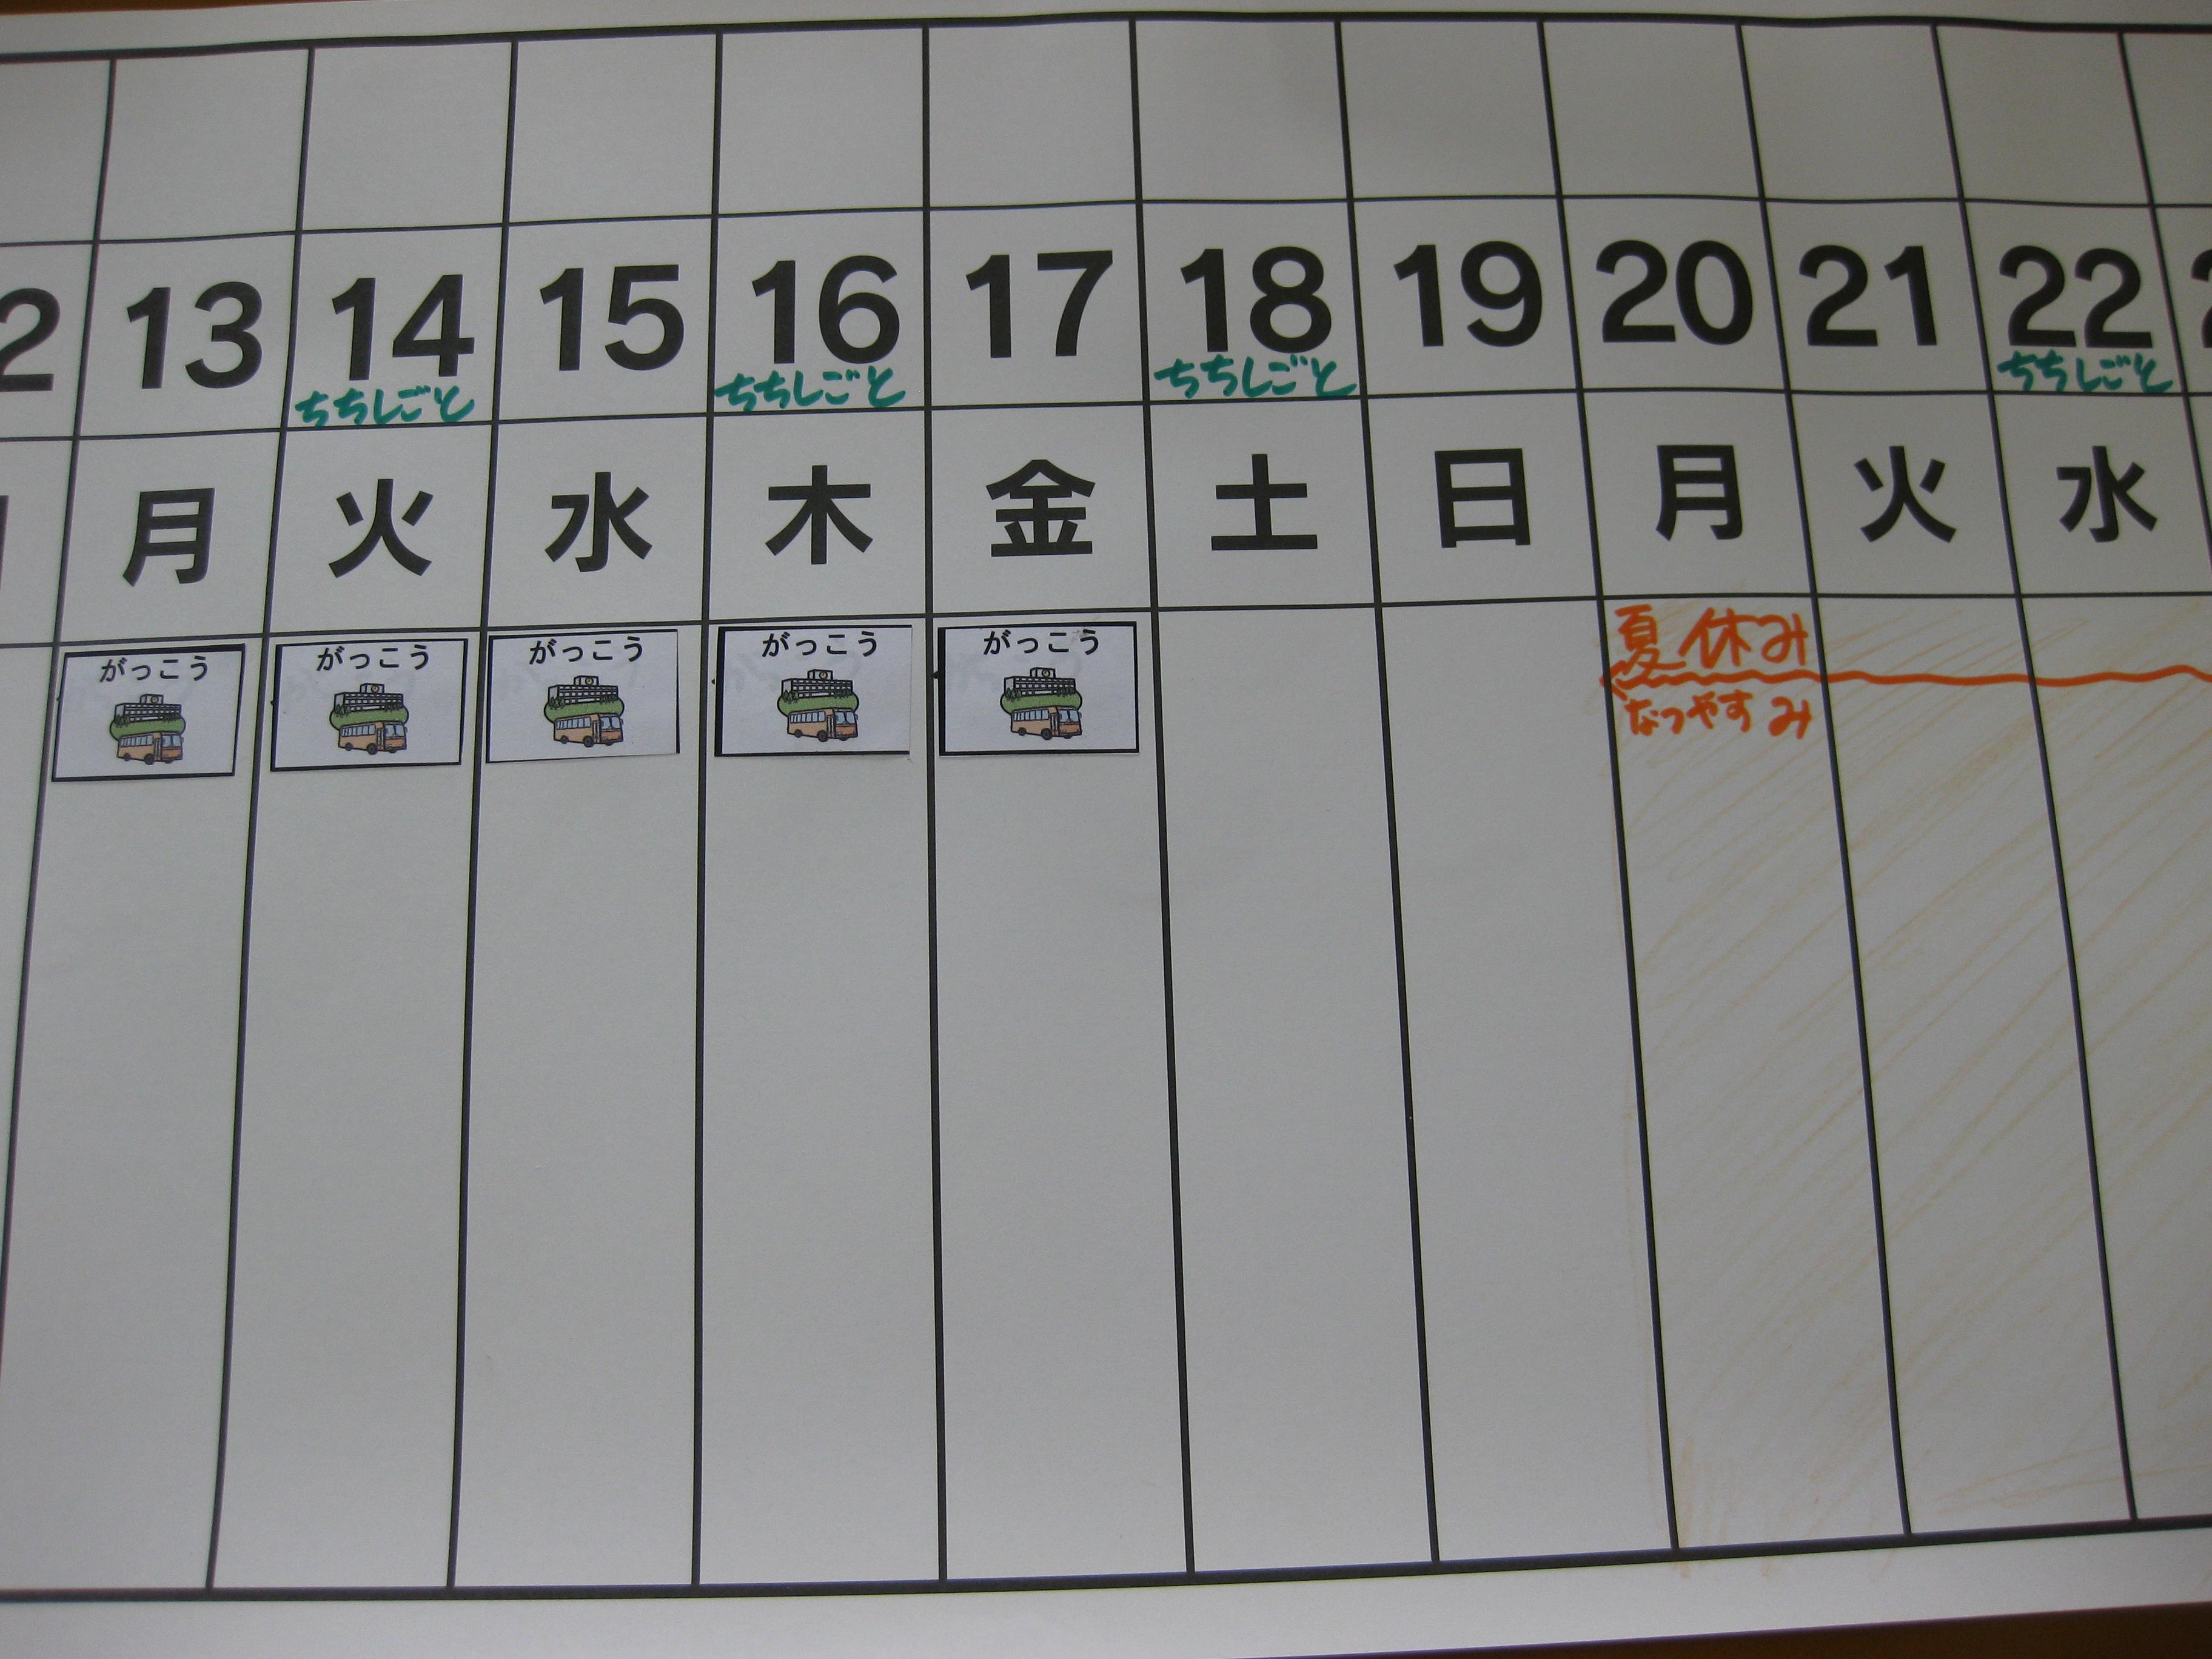 夏の家族旅行や、秋の修学旅行 ... : 2 014年 カレンダー : カレンダー